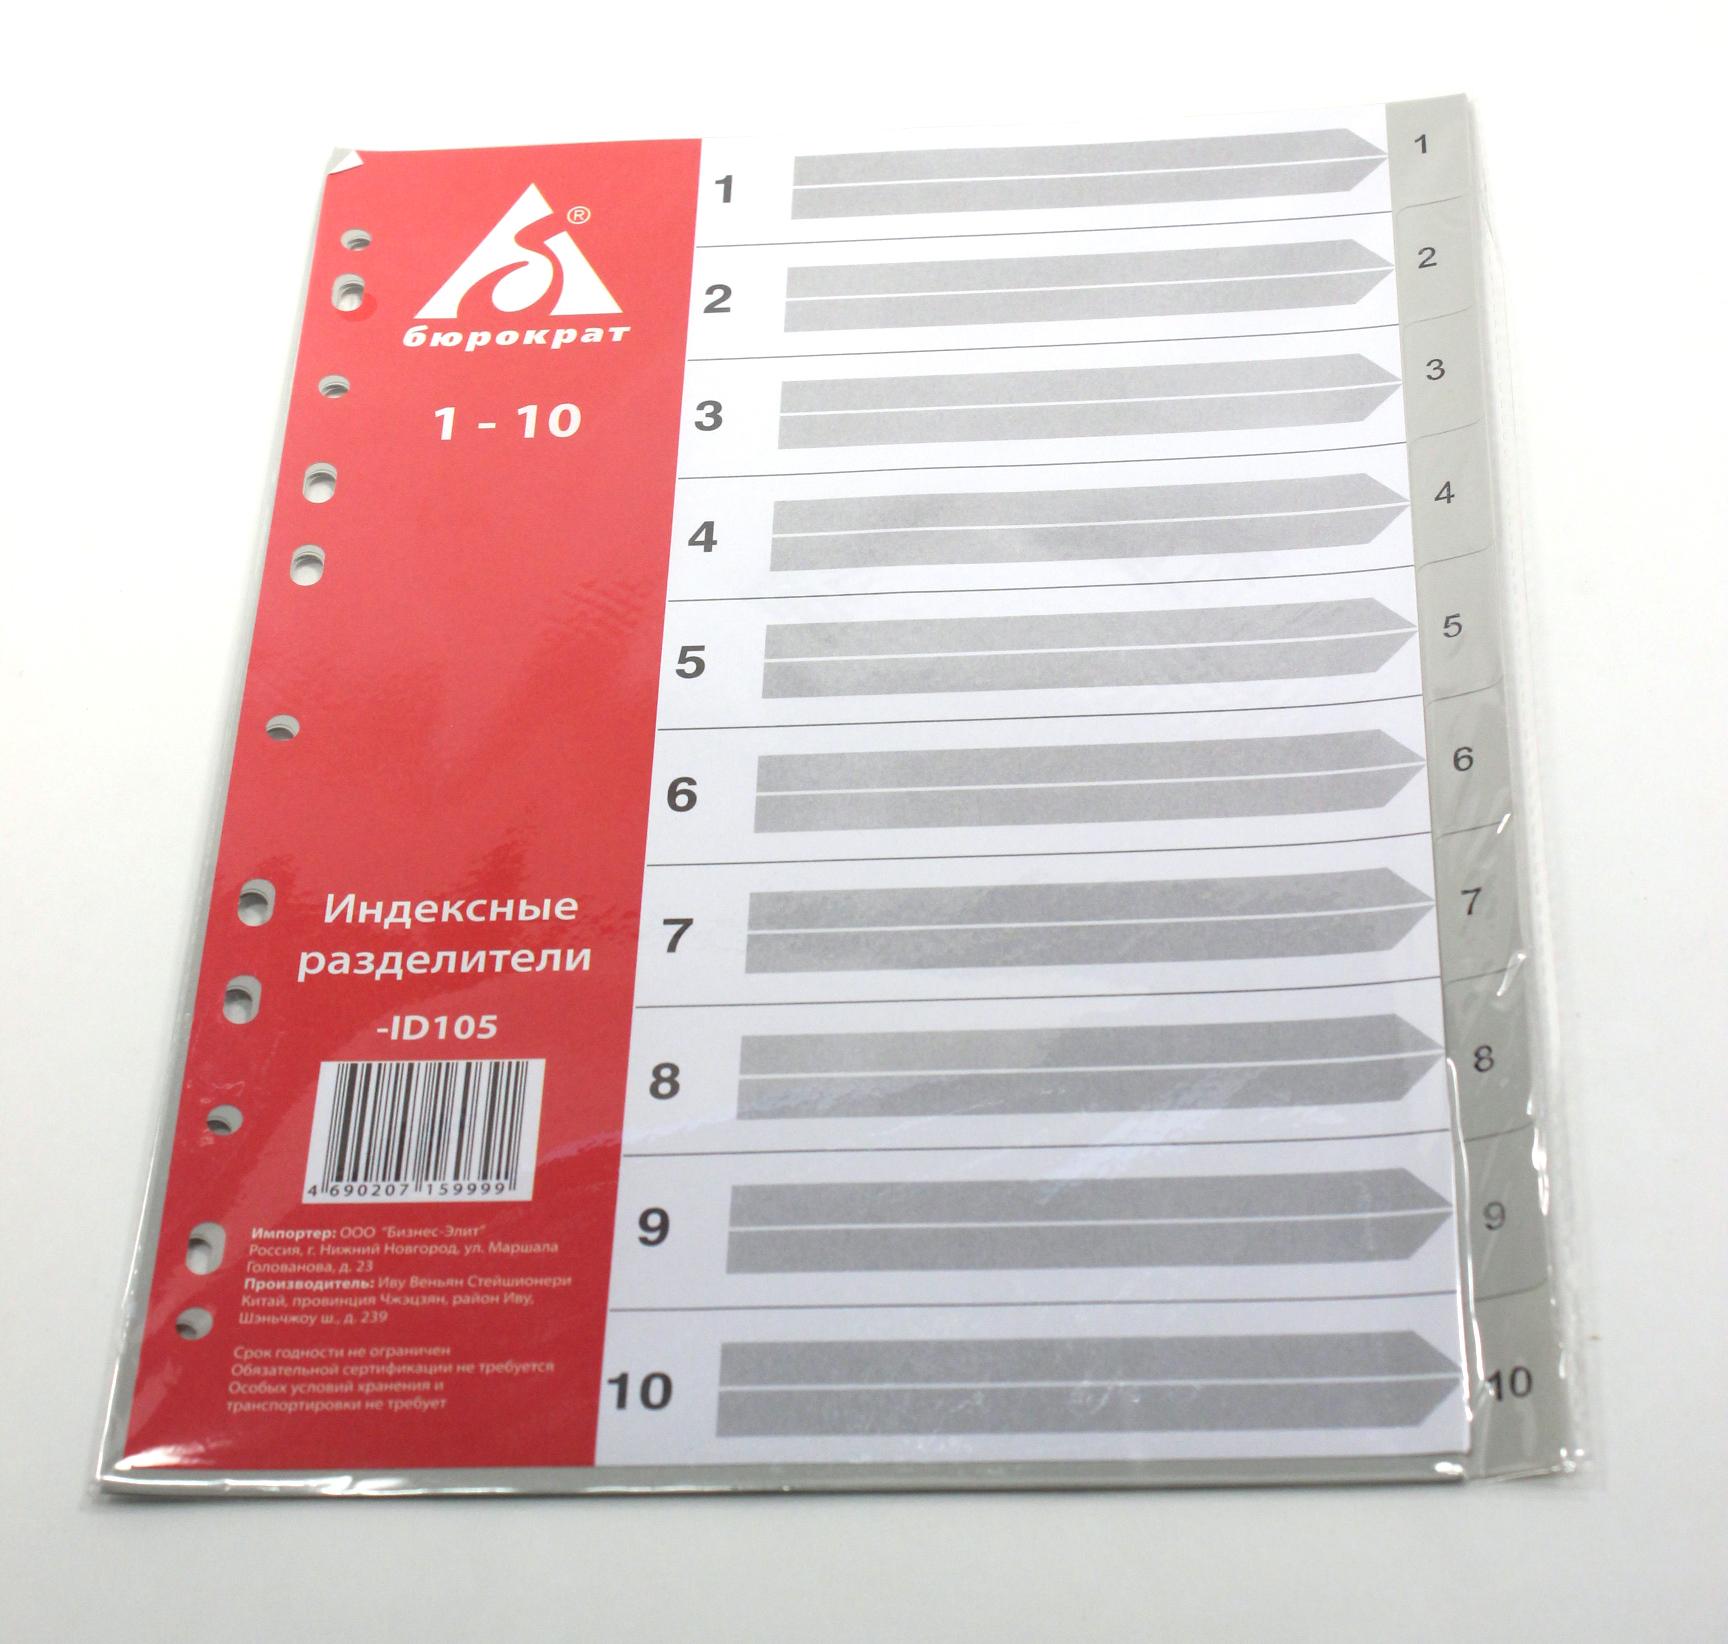 050620 Индекс разделитель А4 1-10, серые разделы, пластик